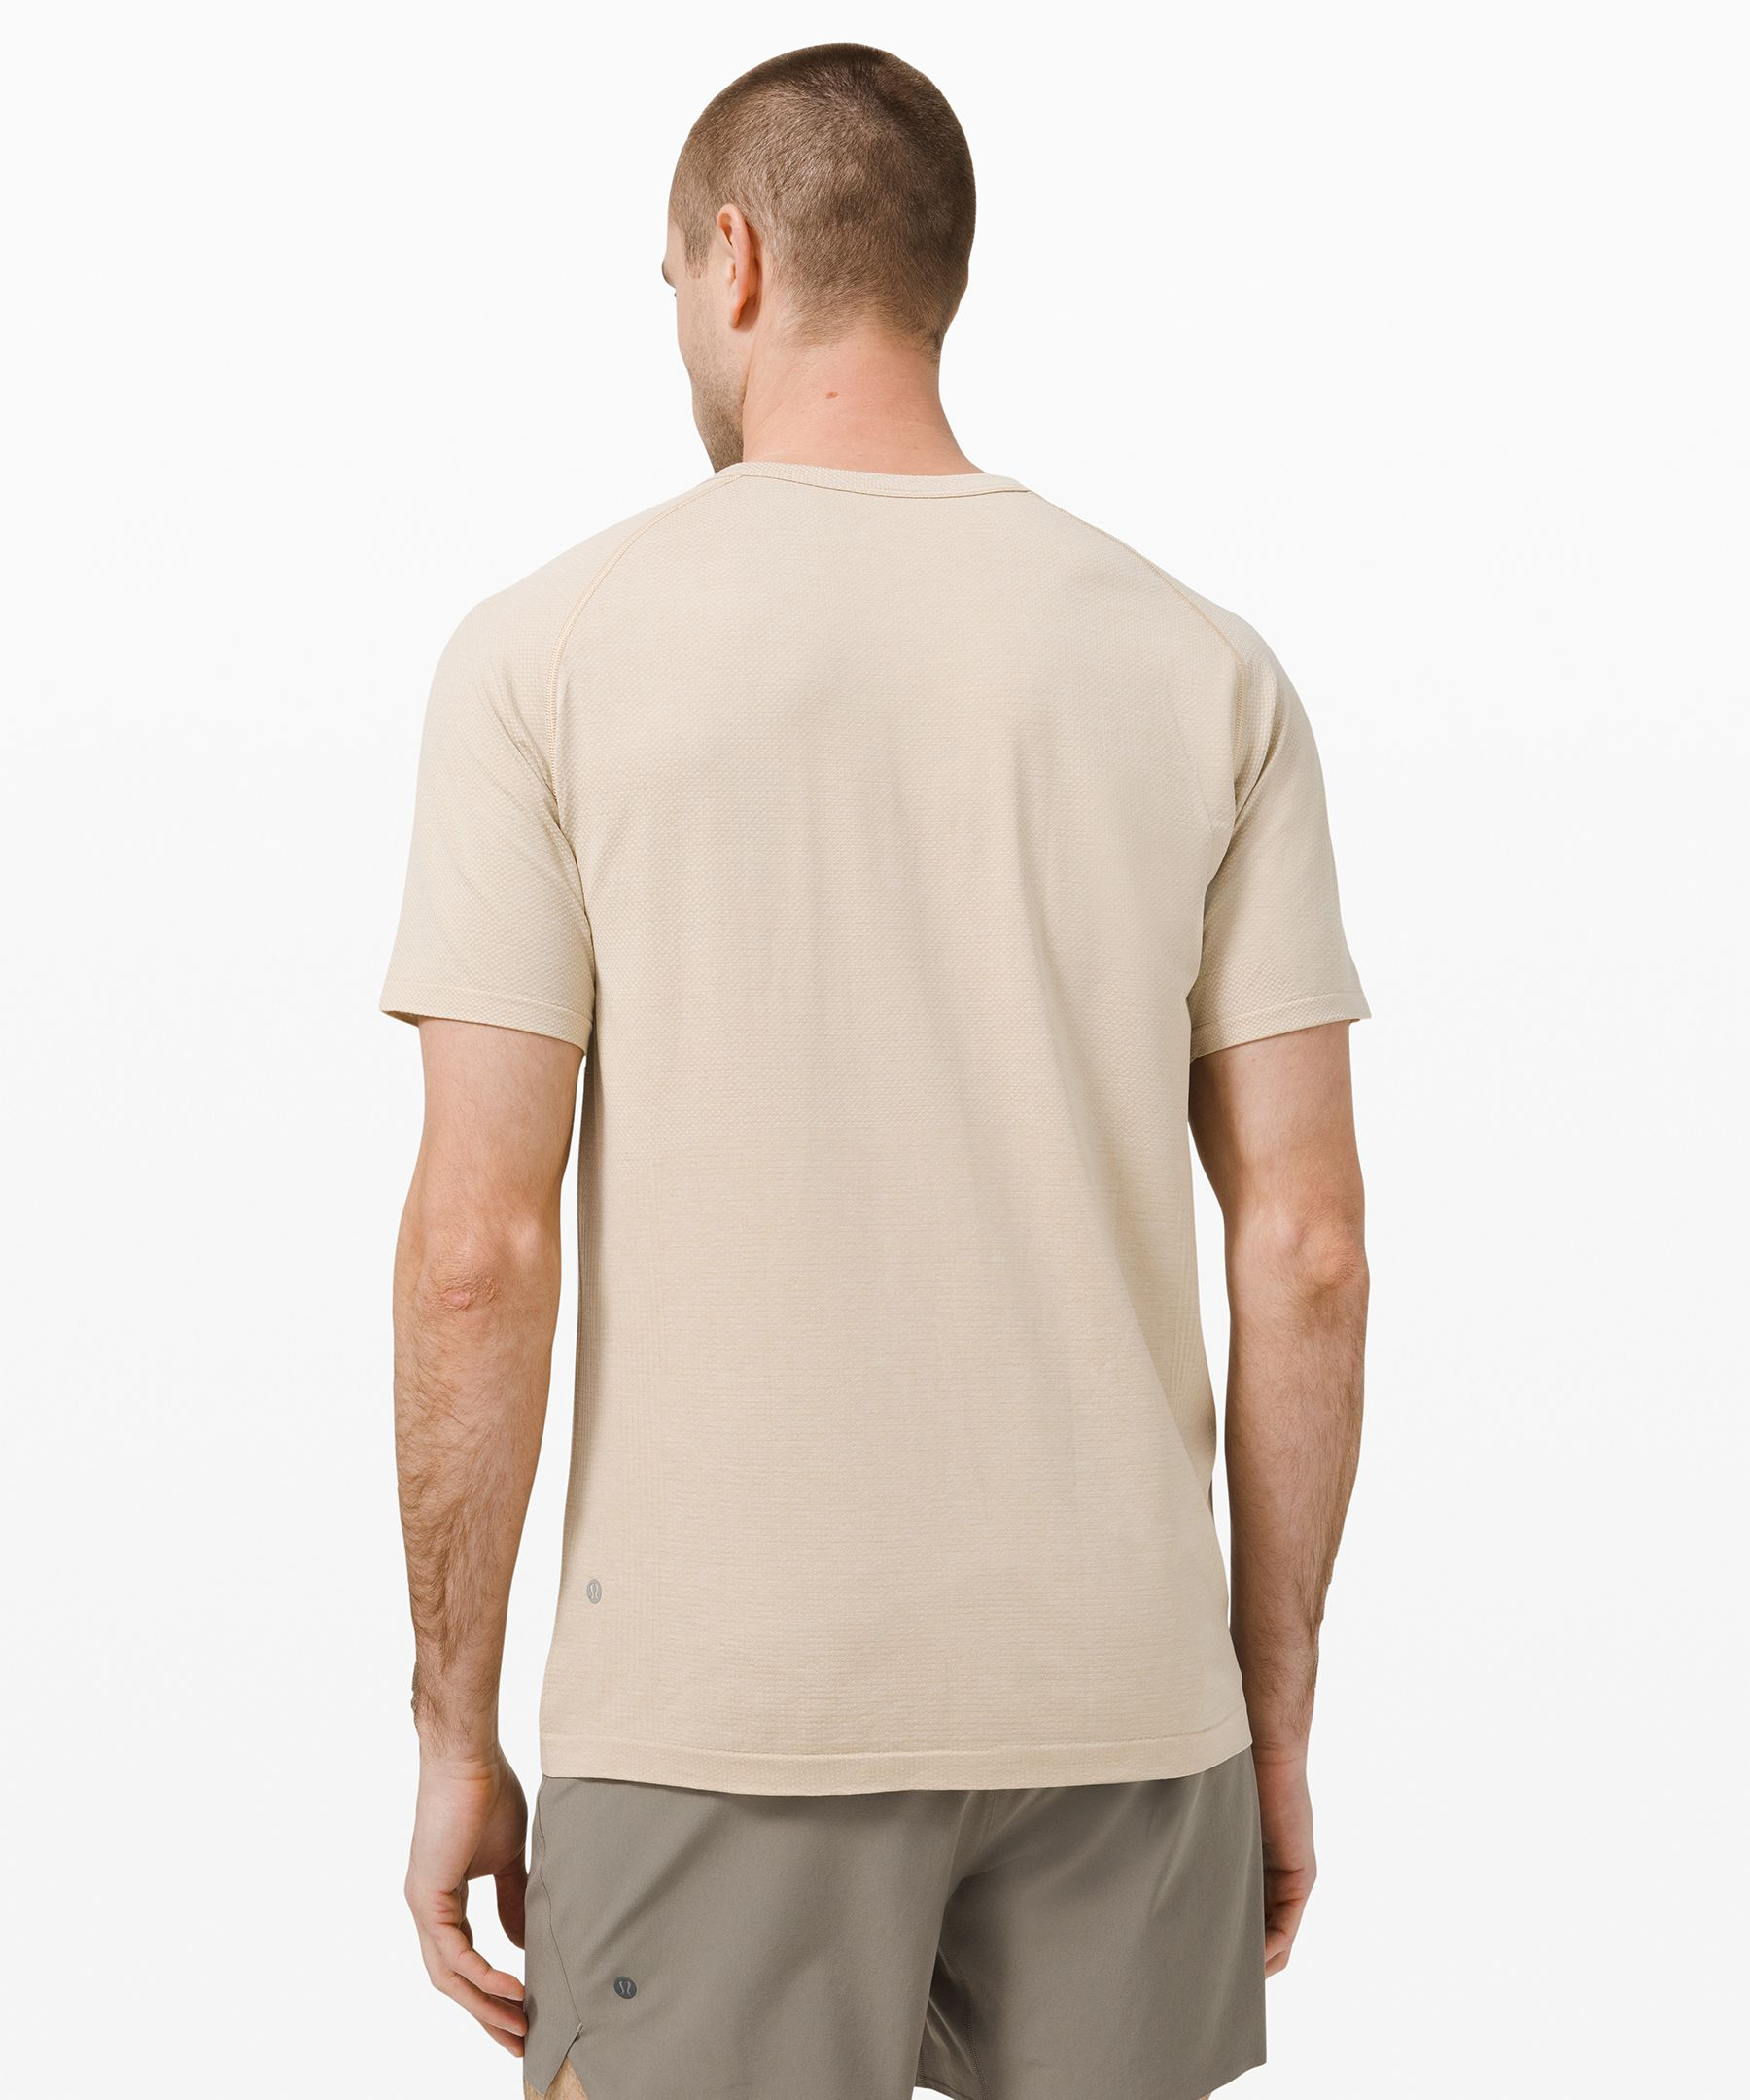 Metal Vent Tech Henley Short Sleeve 2.0